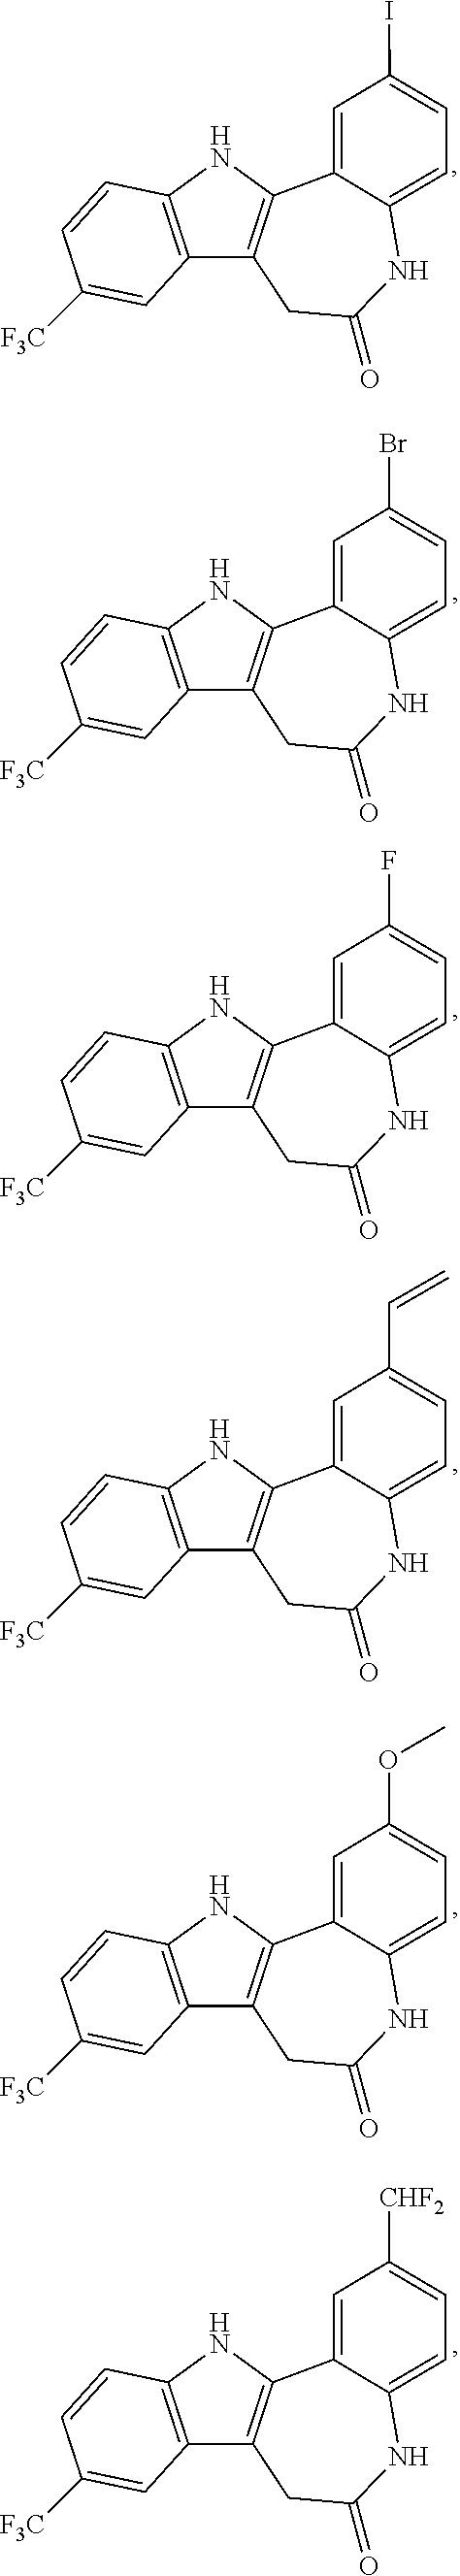 Figure US09572815-20170221-C00012